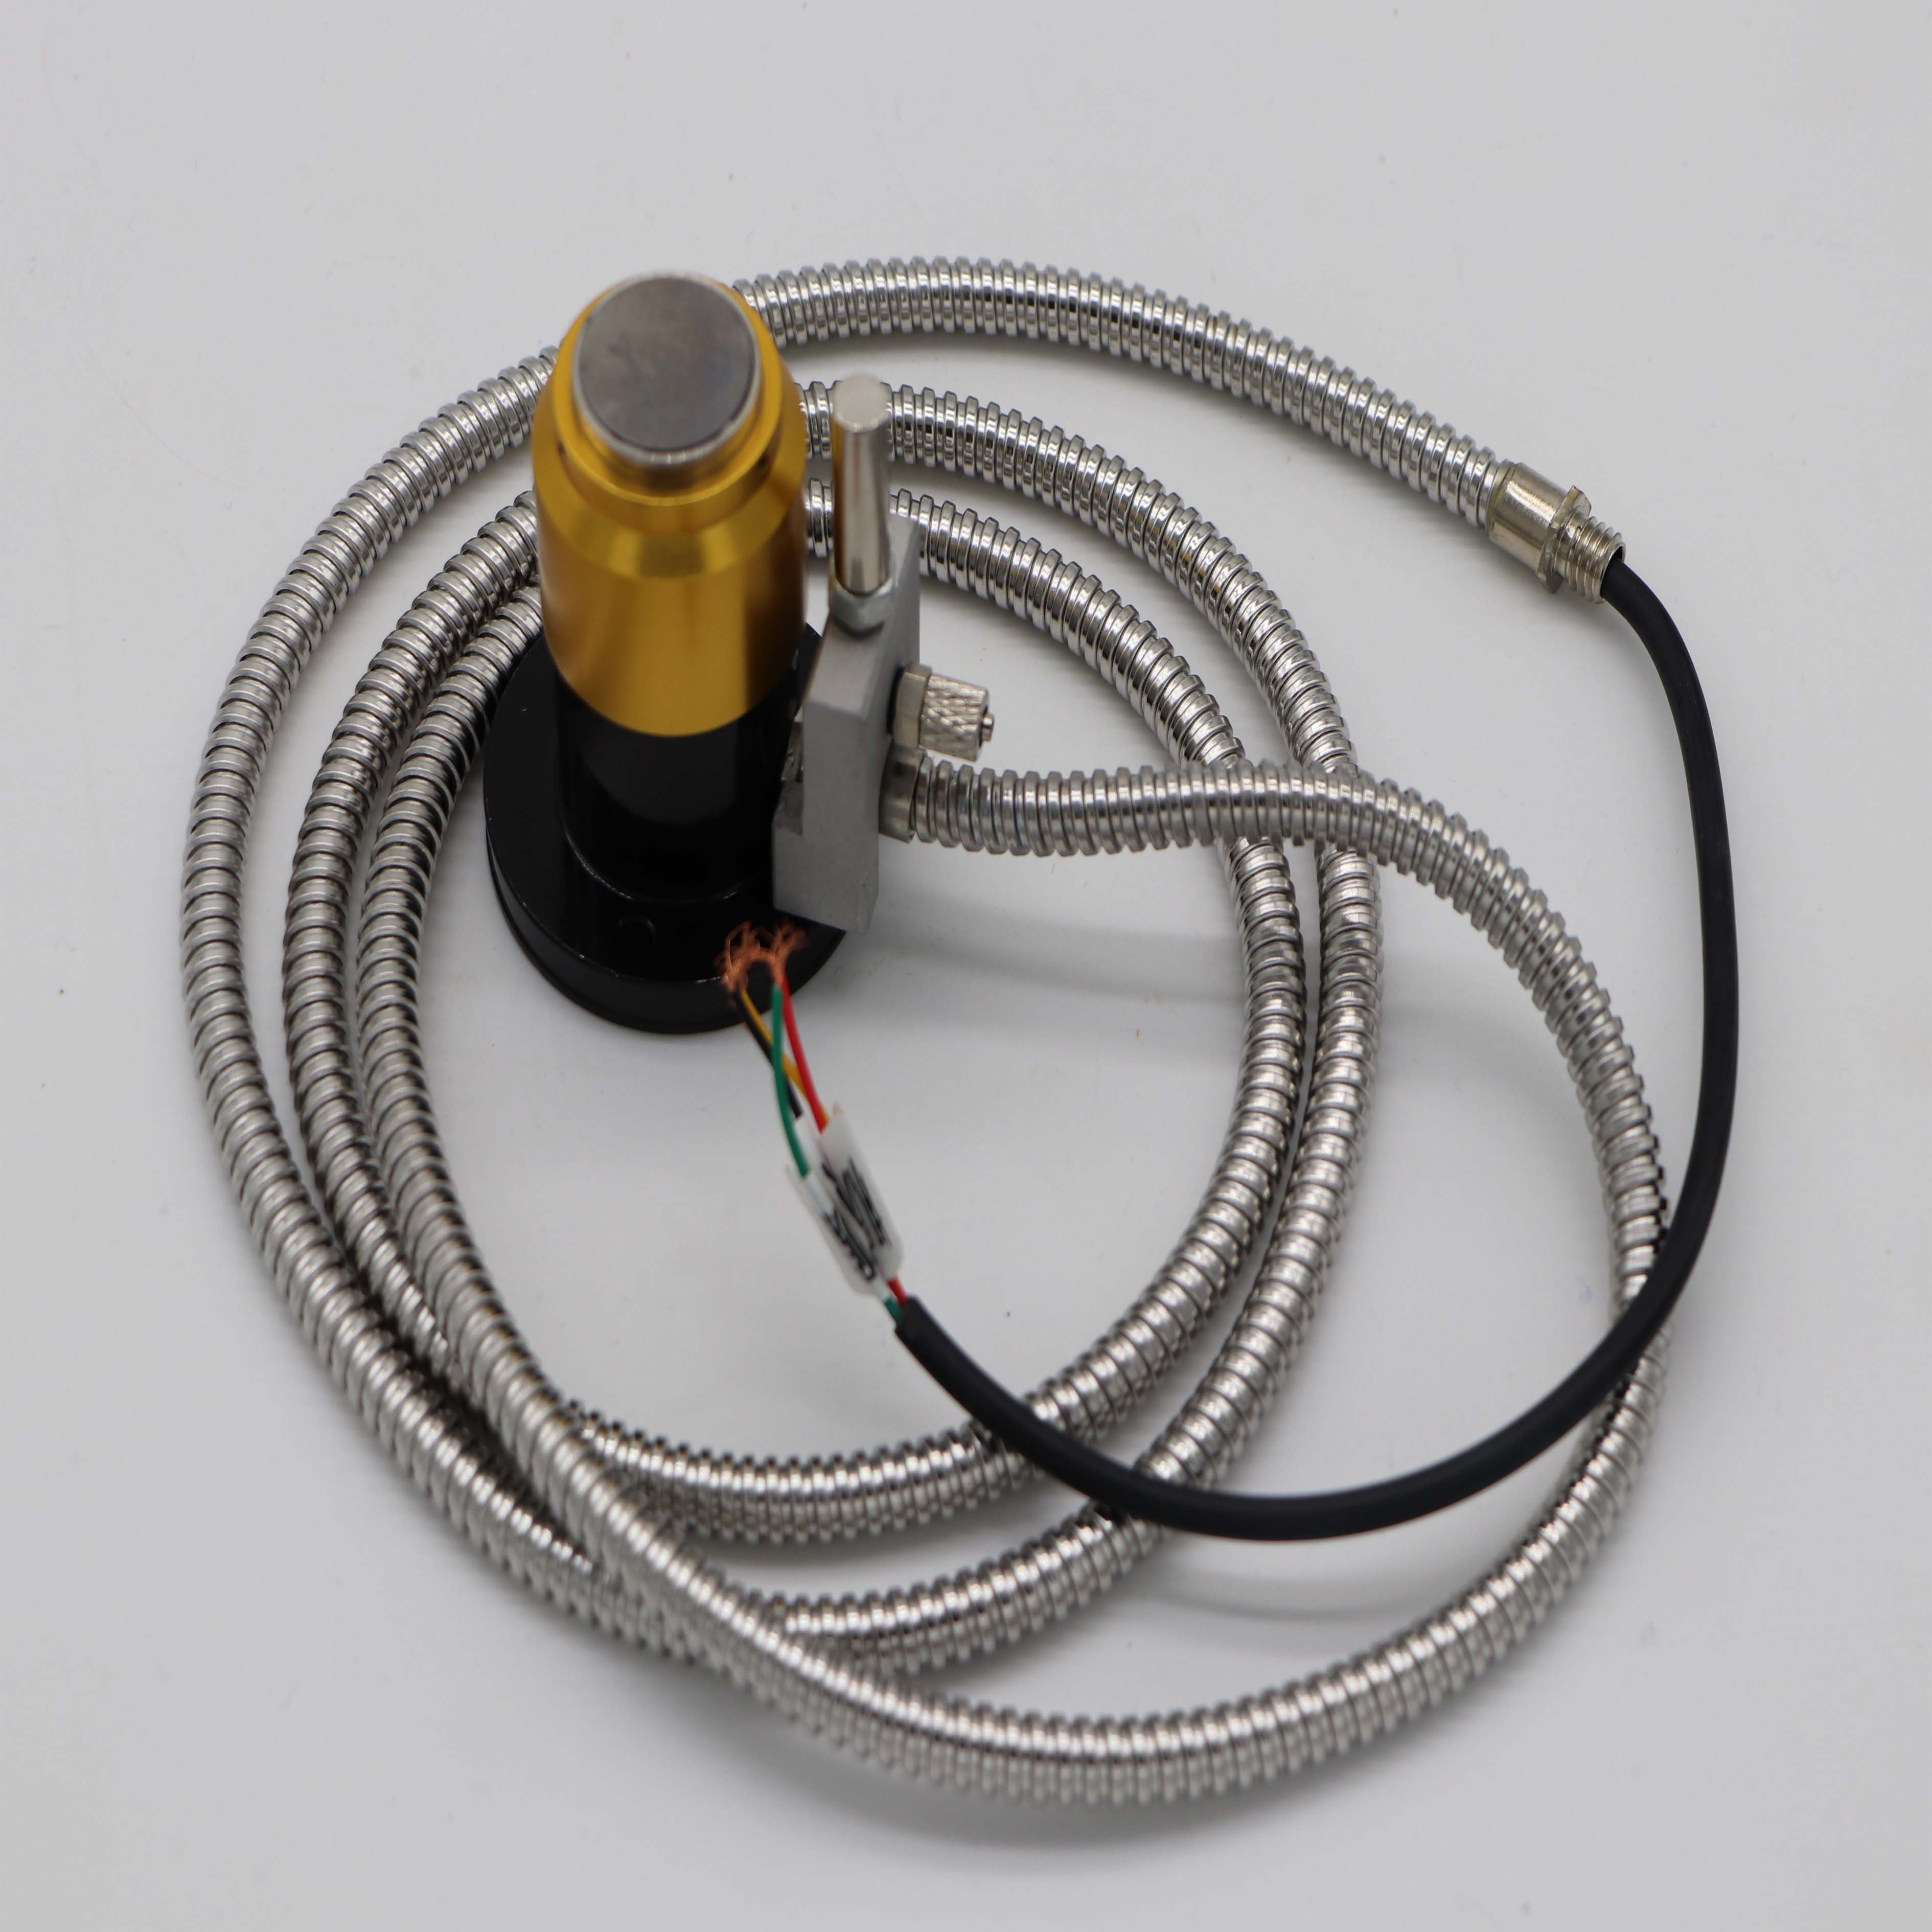 Фрезерный станок с ЧПУ, датчик оси Z, центр станка с ЧПУ, высокая точность, длина инструмента, автоматический калибровочный инструмент